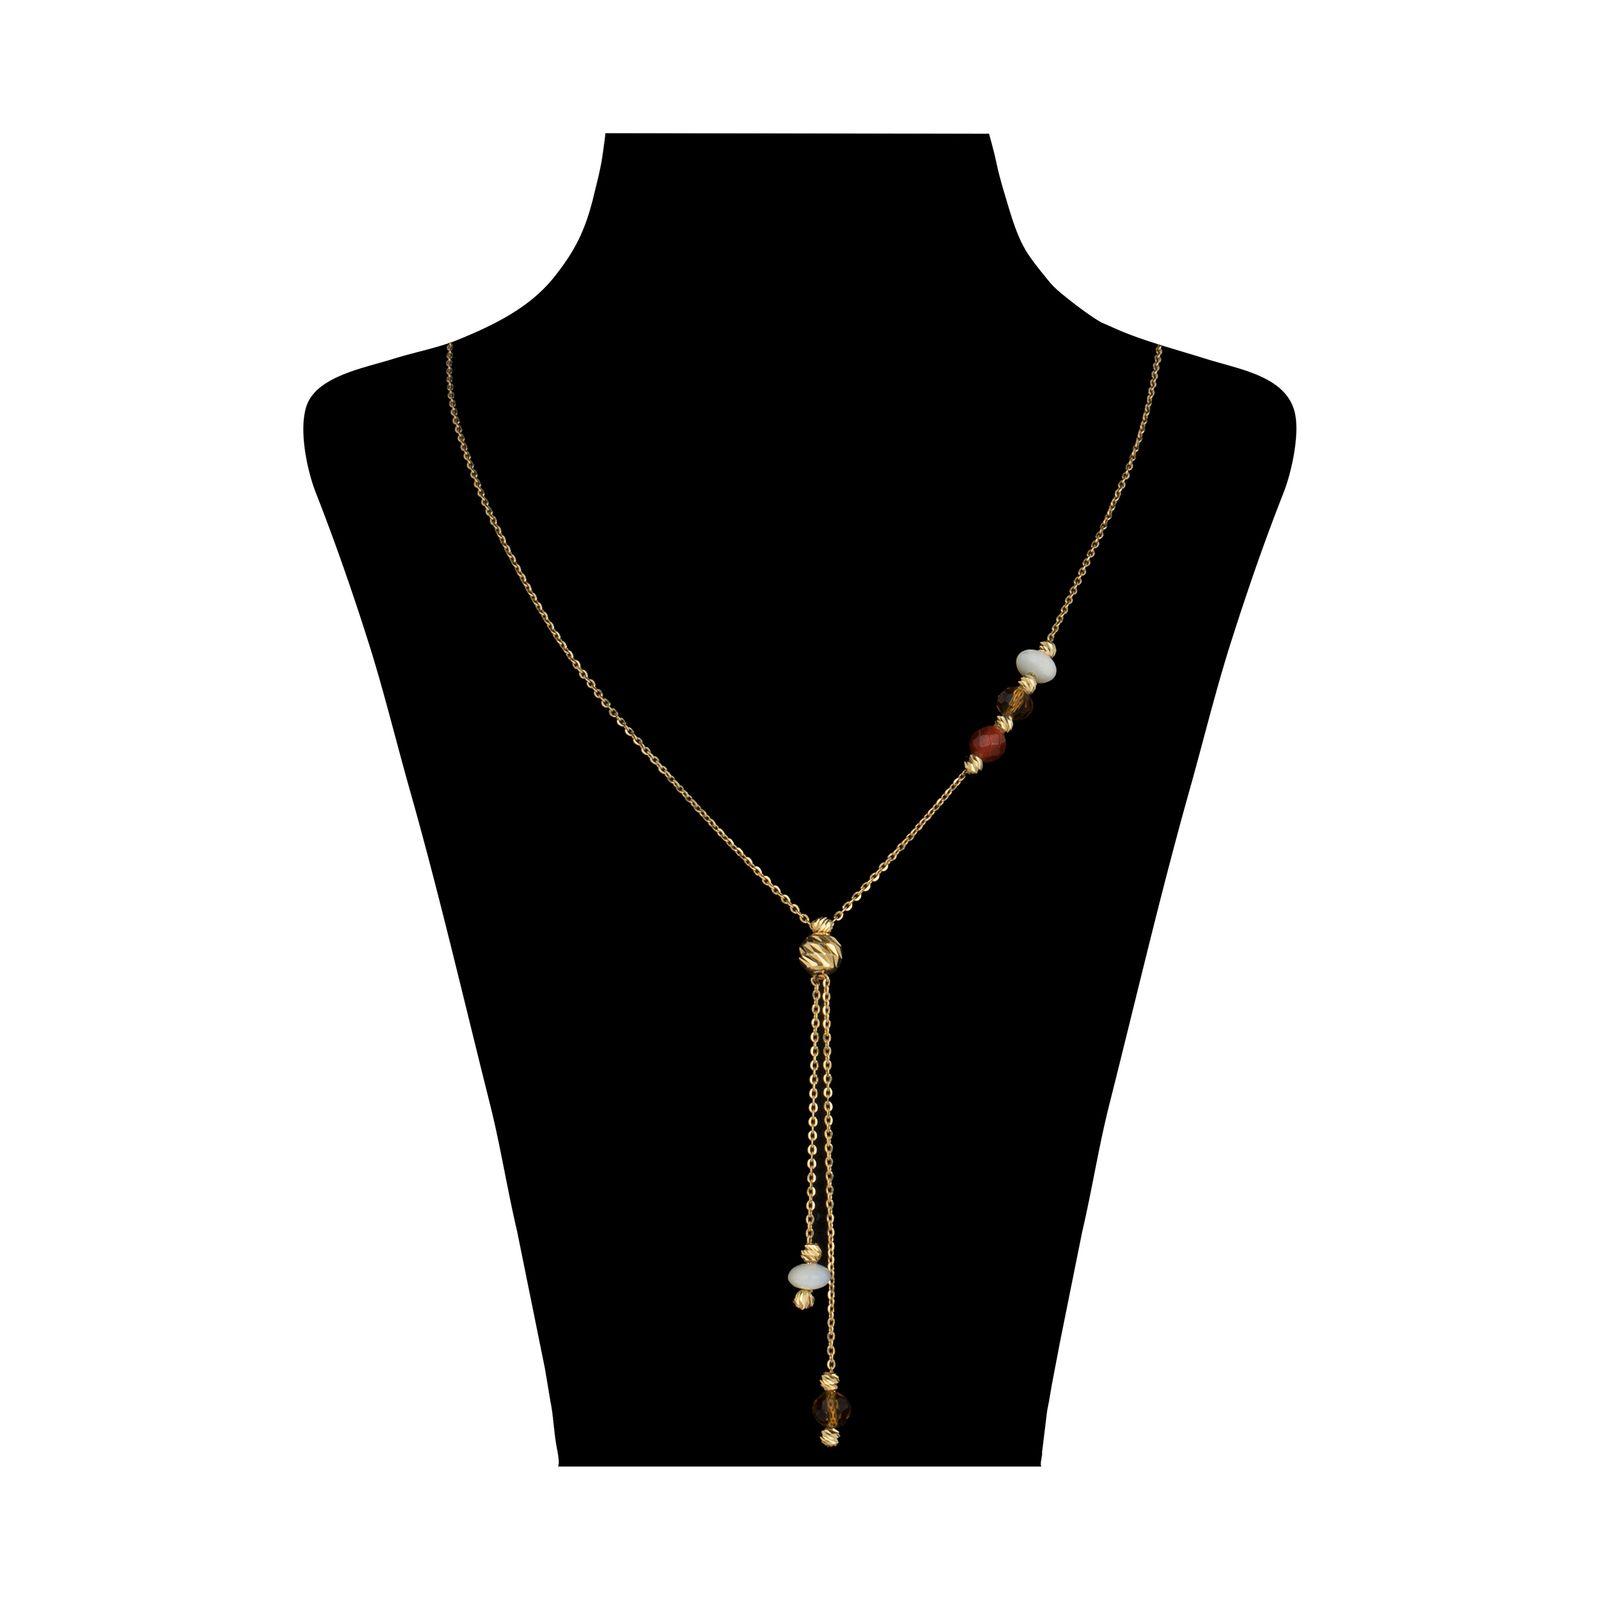 گردنبند طلا 18 عیار زنانه سیودو مدل 145816 -  - 2